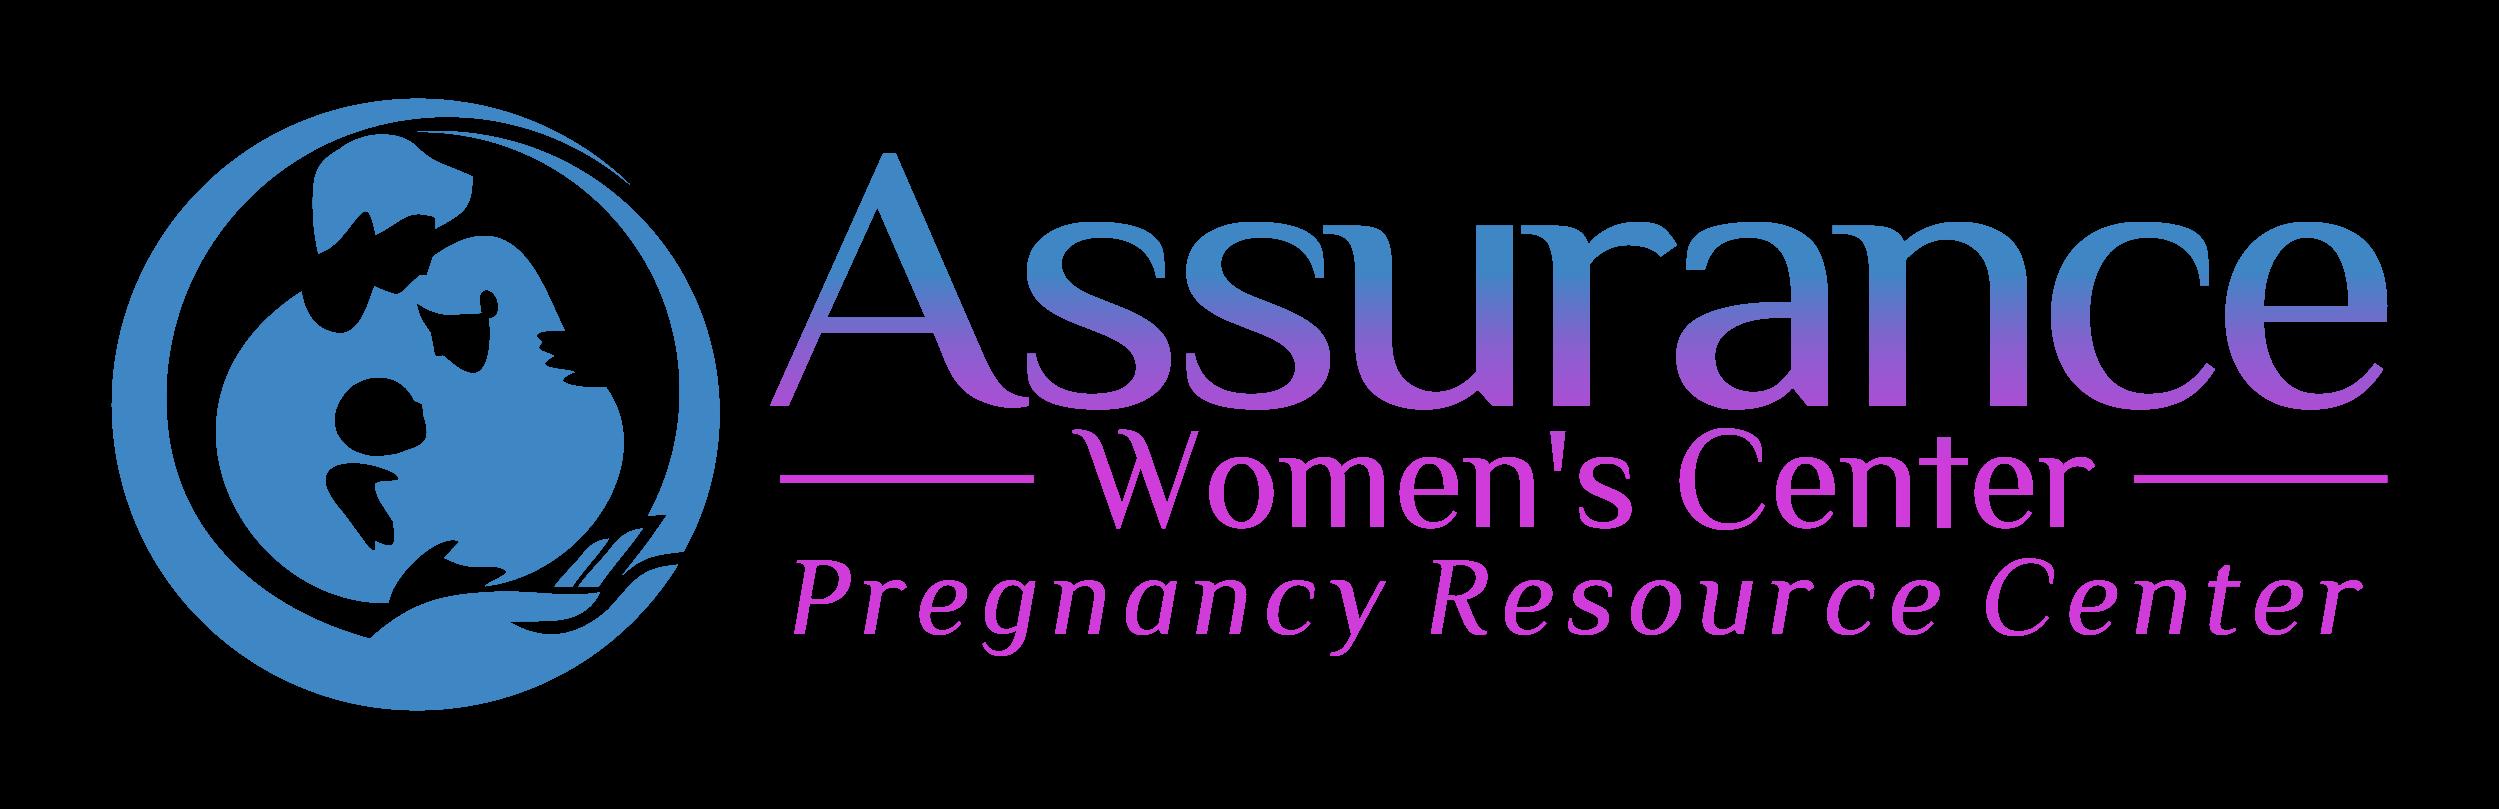 Assurance Women's Center